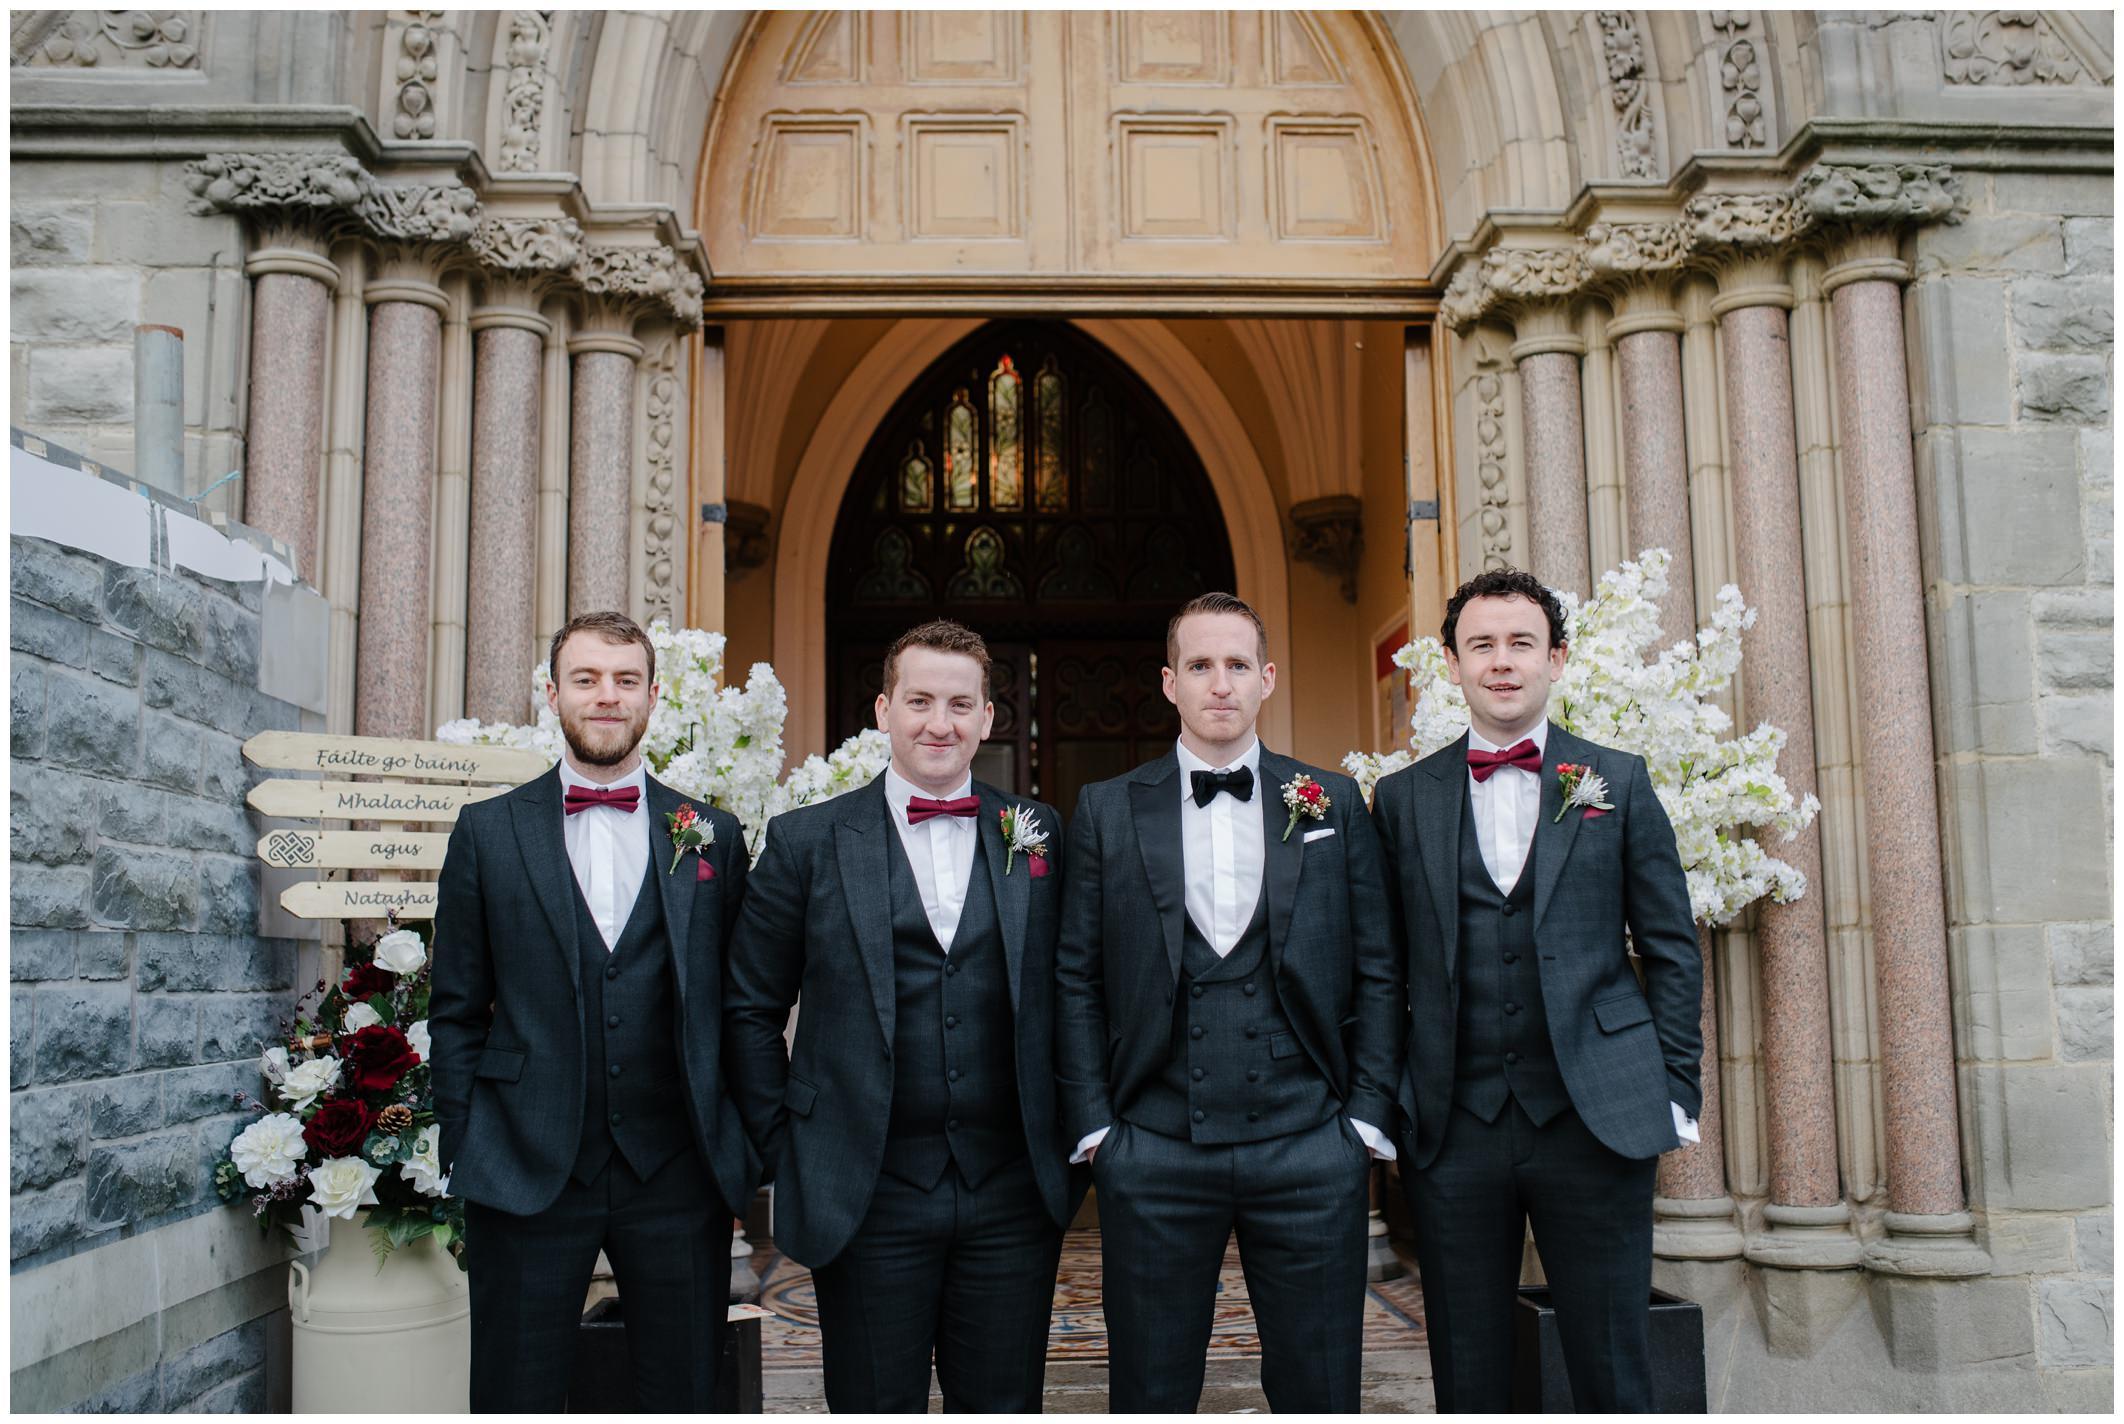 silver_tassie_wedding_jude_browne_photography_0021.jpg